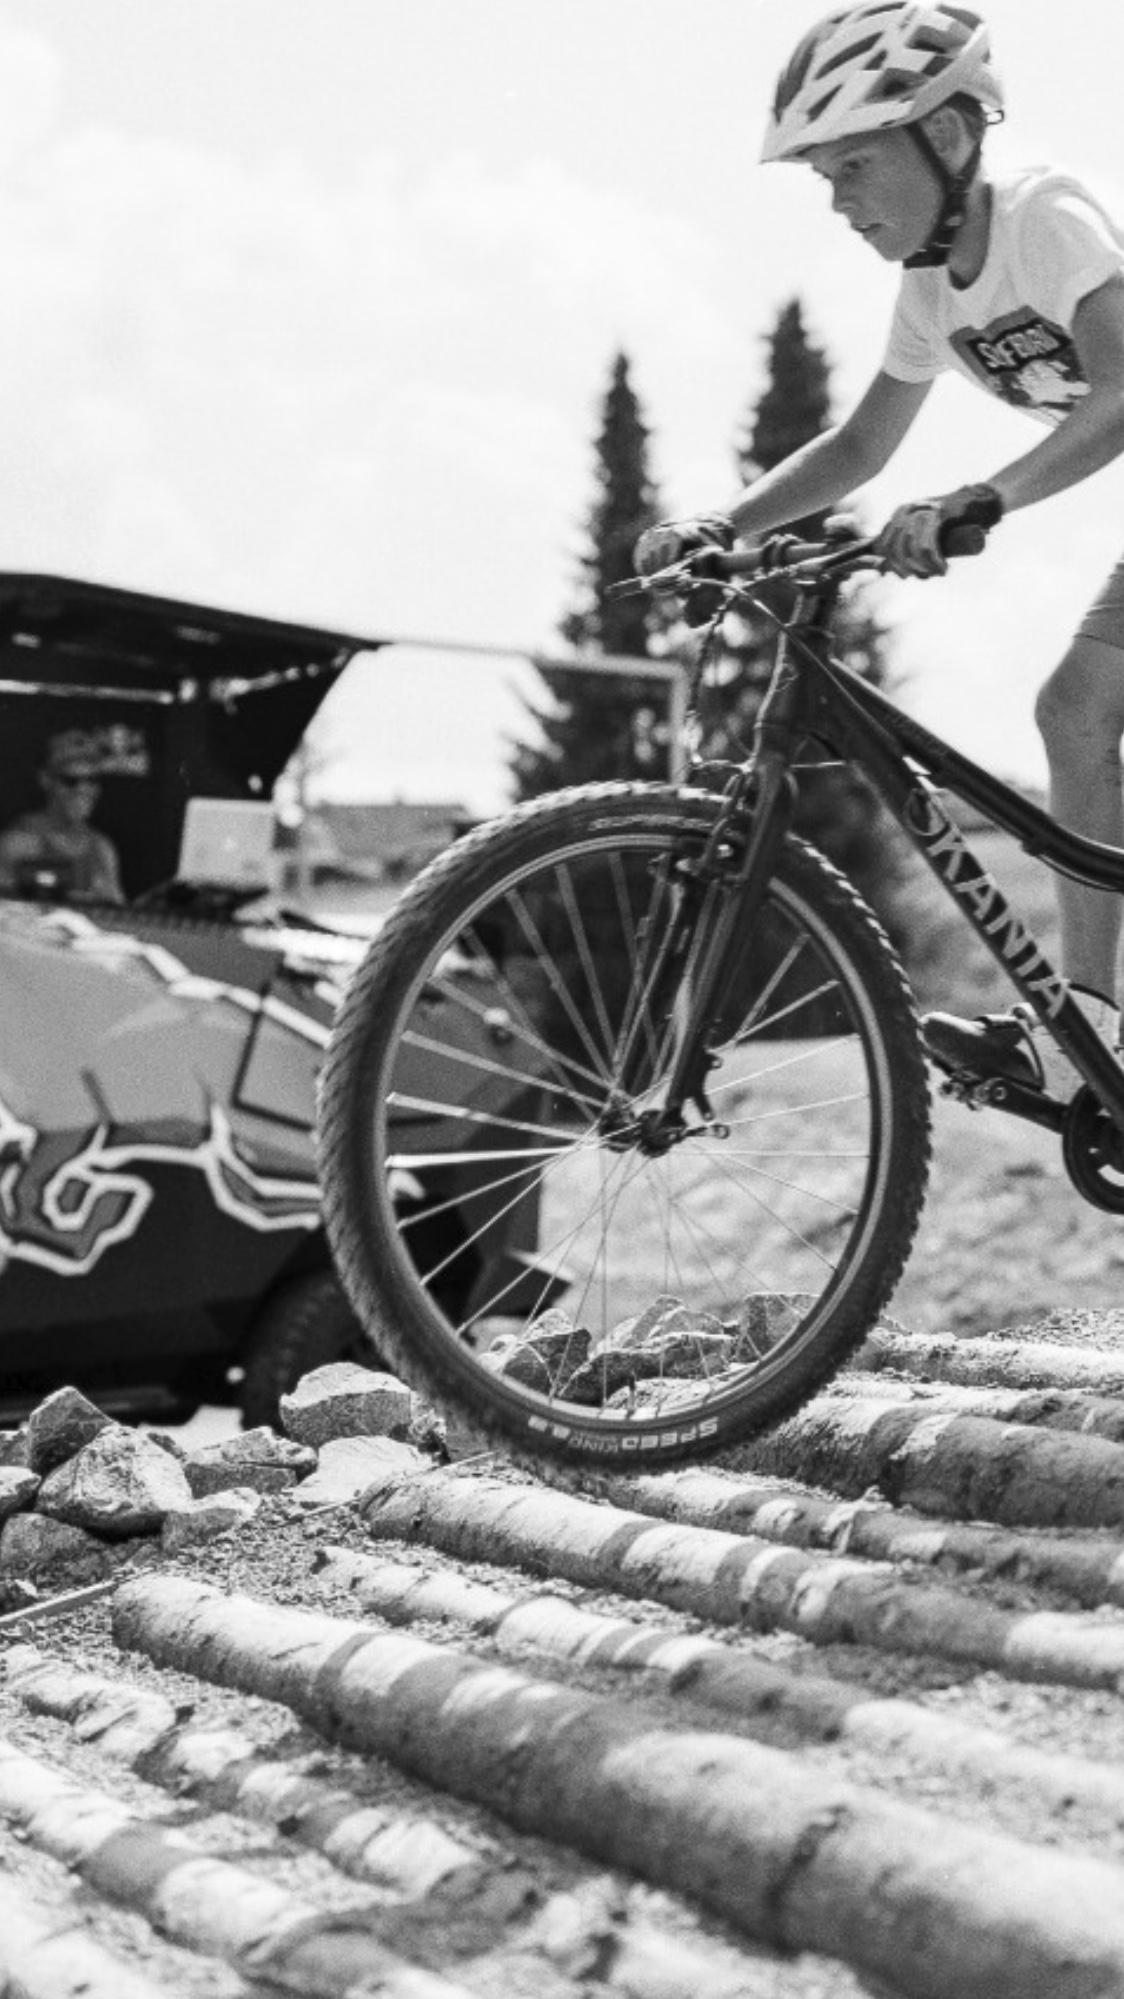 Gute Laune und rasante Fahrradfahrer im Bikepark in Oberfranken.